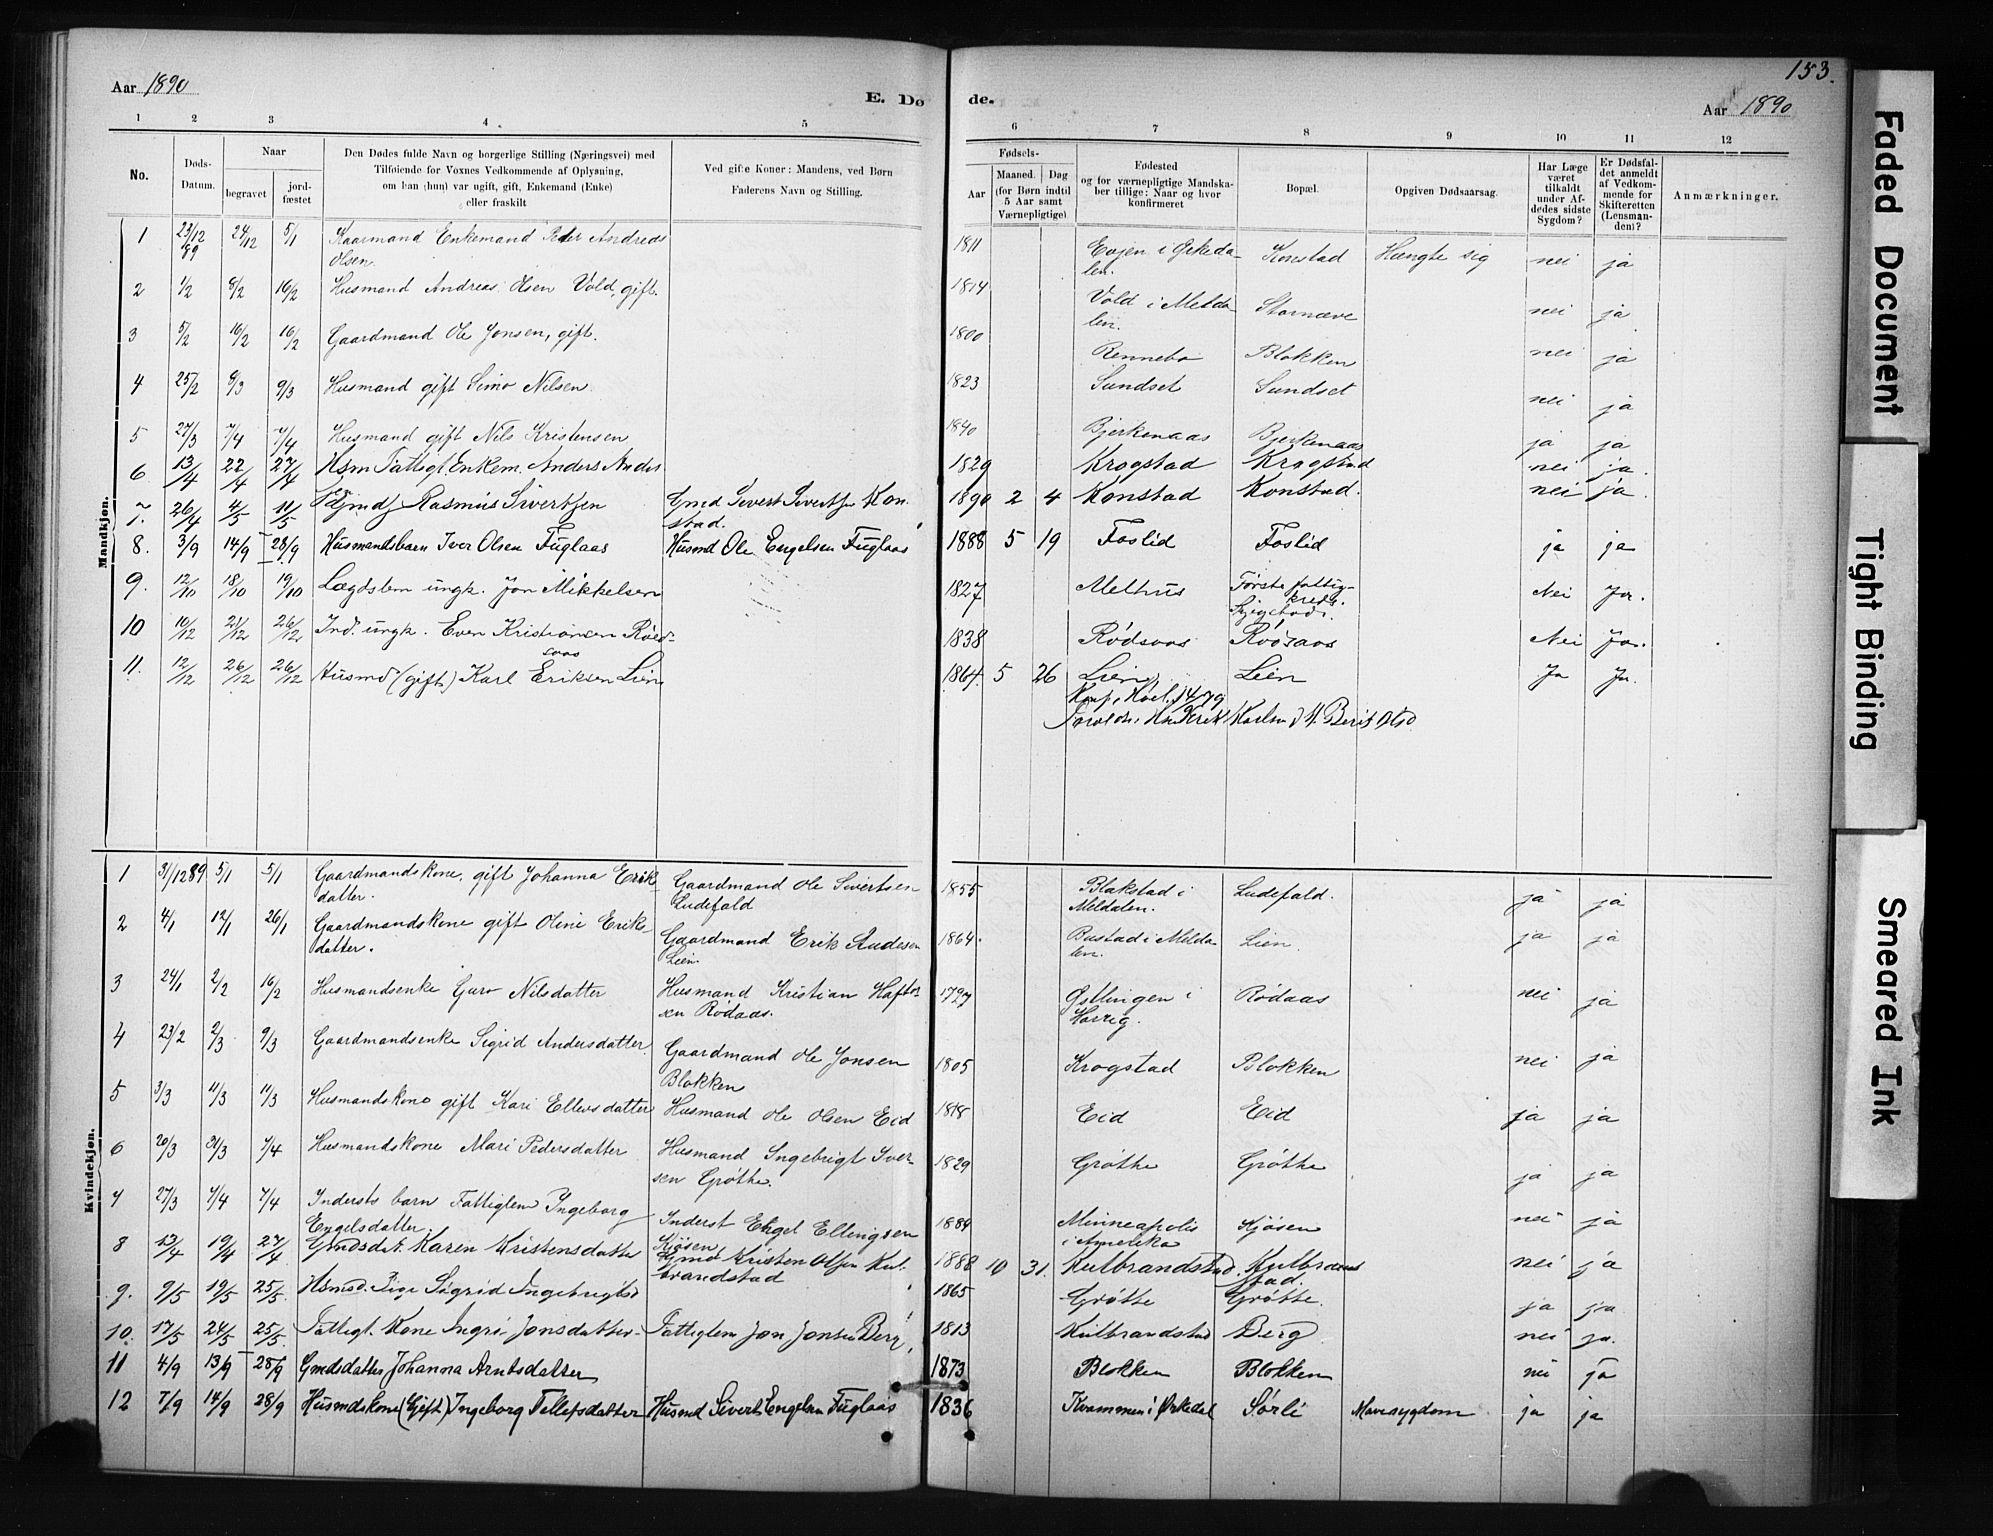 SAT, Ministerialprotokoller, klokkerbøker og fødselsregistre - Sør-Trøndelag, 694/L1127: Ministerialbok nr. 694A01, 1887-1905, s. 153